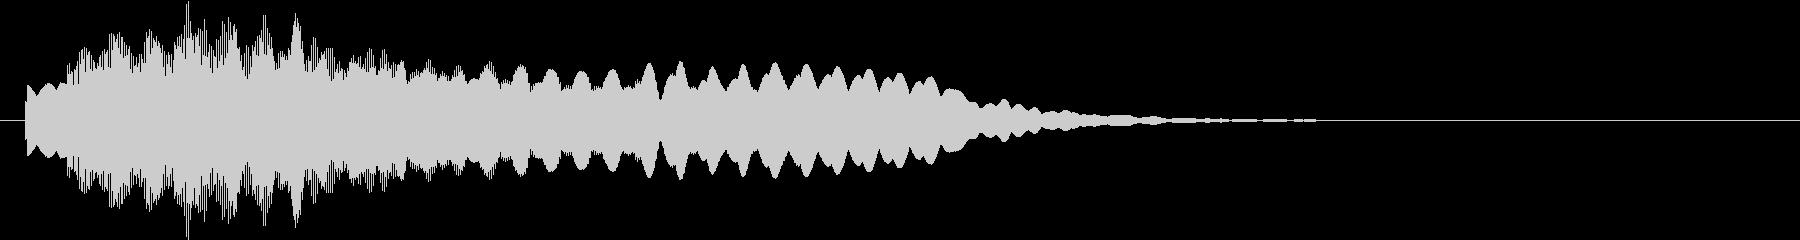 ピリリリ〜 回復魔法の様な音の未再生の波形